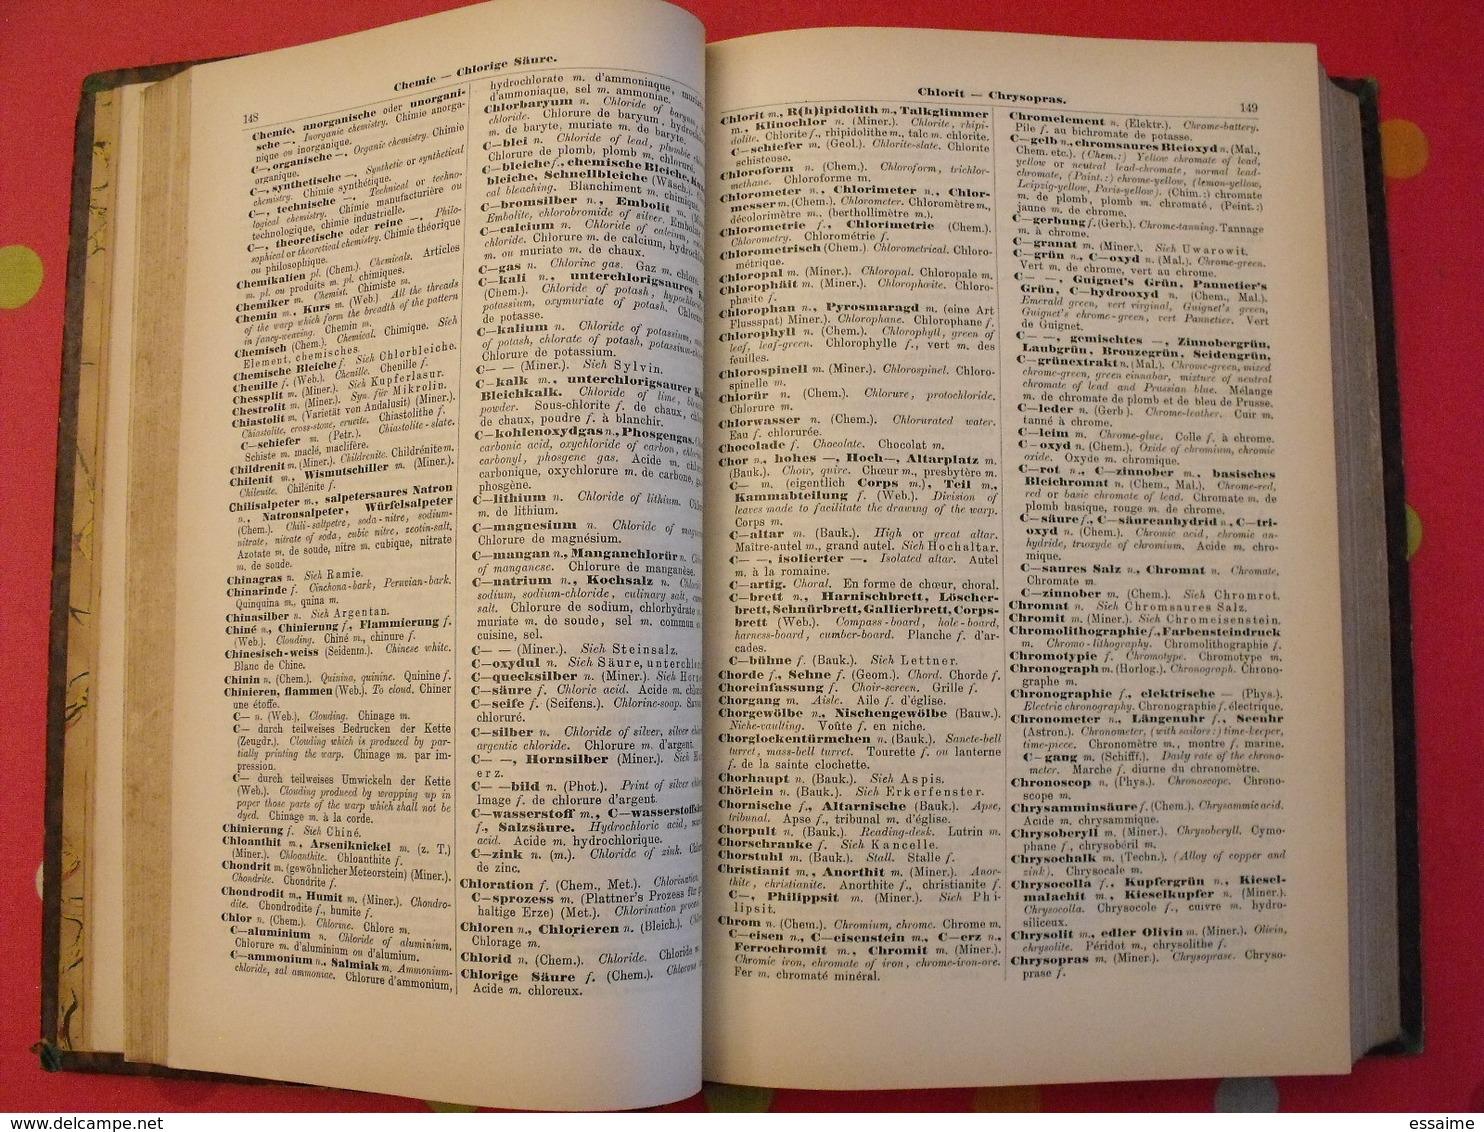 Technologisches Wörterbuch. Deutch-English-Französisch. Hoyer, Kreuter. Wiesbaden 1902 - Dictionnaires